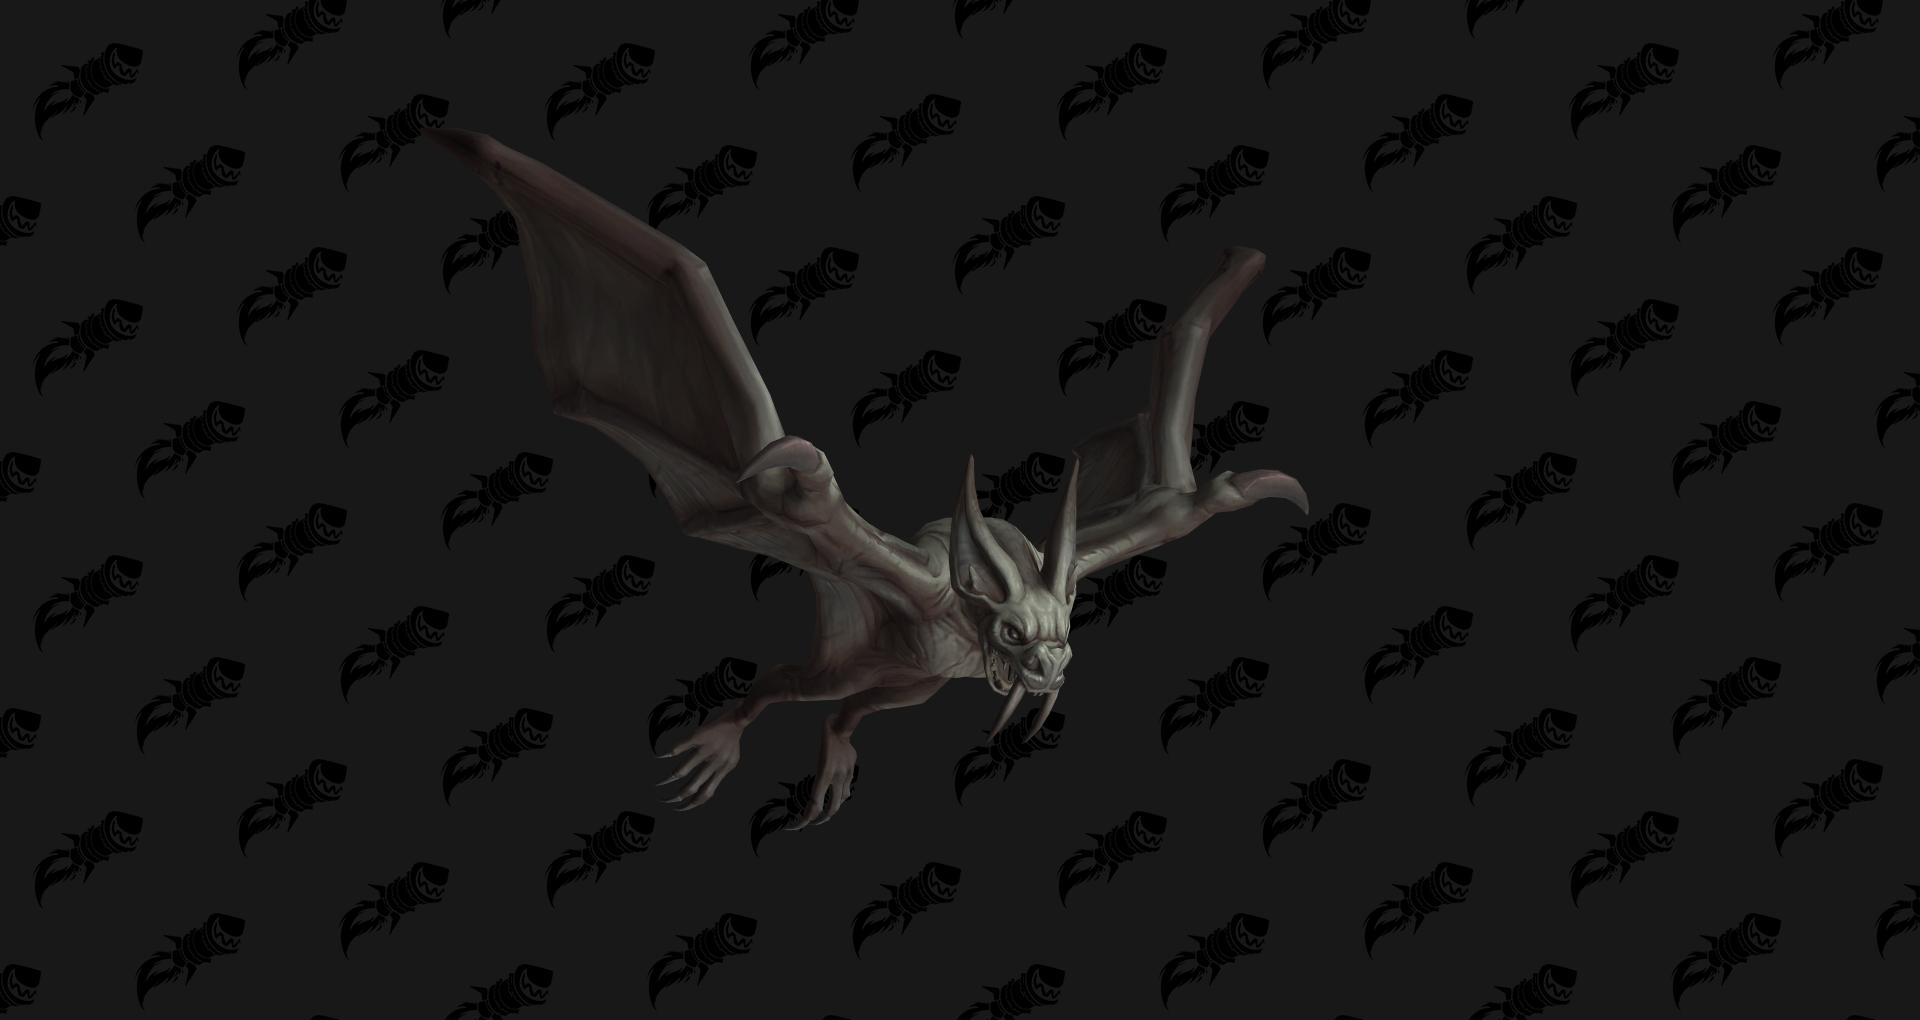 Jeune aile de l'effroi aile-de-pierre, mascotte Shadowlands disponible en butin à Revendreth